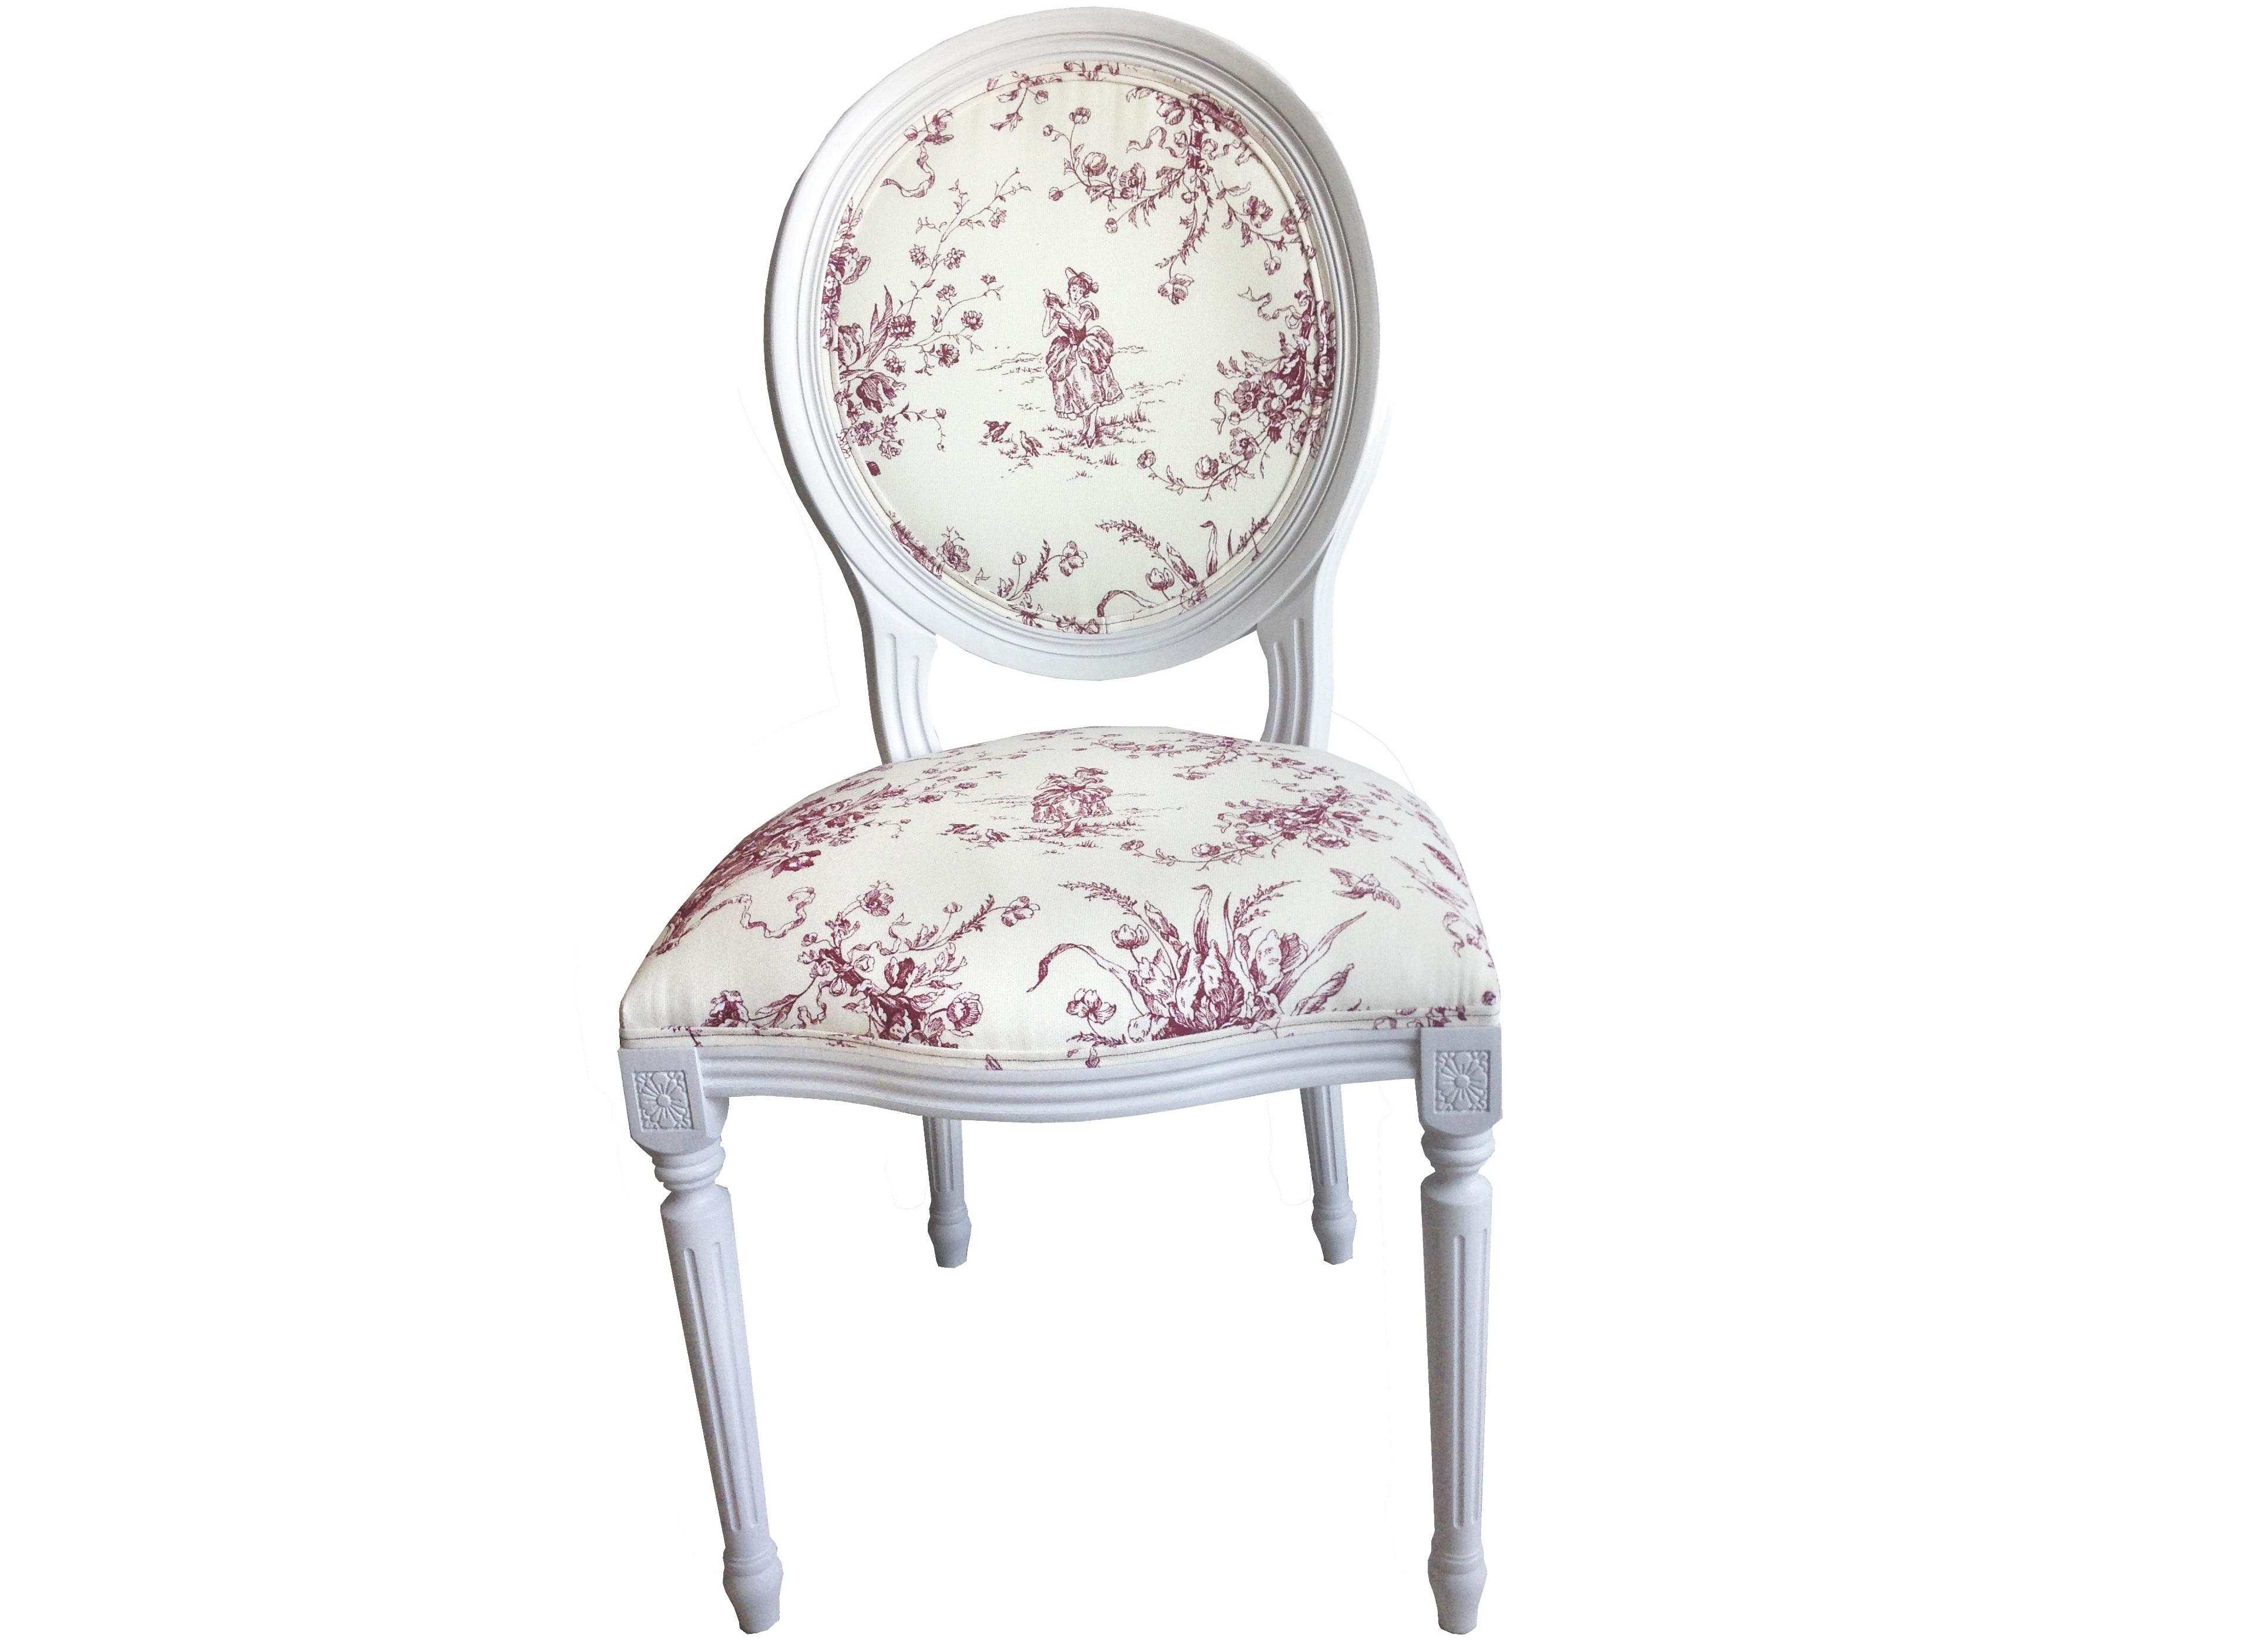 Стул Снежный ПровансОбеденные стулья<br>Белая мебель Прованс для гостиной, спальни, столовой, кабинета отлично впишется в Ваш загородный дом. Белая высококачественная мебель &amp;quot;Снежный Прованс&amp;quot; также может послужить в качестве обстановки детской комнаты подростка. Это функциональная удобная мебель европейского качества. Коллекция изготовлена из массива бука (каркасы и точеные элементы мебели) и из высококачественного МДФ (филенчатые части) и соответствует немецким стандартам для детской мебели.<br>Мебель &amp;quot;Снежный Прованс&amp;quot; имеет плавные изогнутые формы и украшена потертым вручную декором в виде оливковой ветви. Белый с потертостями, выполненными вручную.&amp;lt;div&amp;gt;&amp;lt;br&amp;gt;&amp;lt;/div&amp;gt;&amp;lt;div&amp;gt;Стул Снежный Прованс с мягким сидением имеет изящные формы. Спинка стула с мягкой обивкой  имеет красивую форму медальона. Искусственно состаренное натуральное дерево придает стулу шарма французского Прованса.&amp;lt;/div&amp;gt;<br><br>Material: Текстиль<br>Length см: None<br>Width см: 50<br>Depth см: 50<br>Height см: 96<br>Diameter см: None